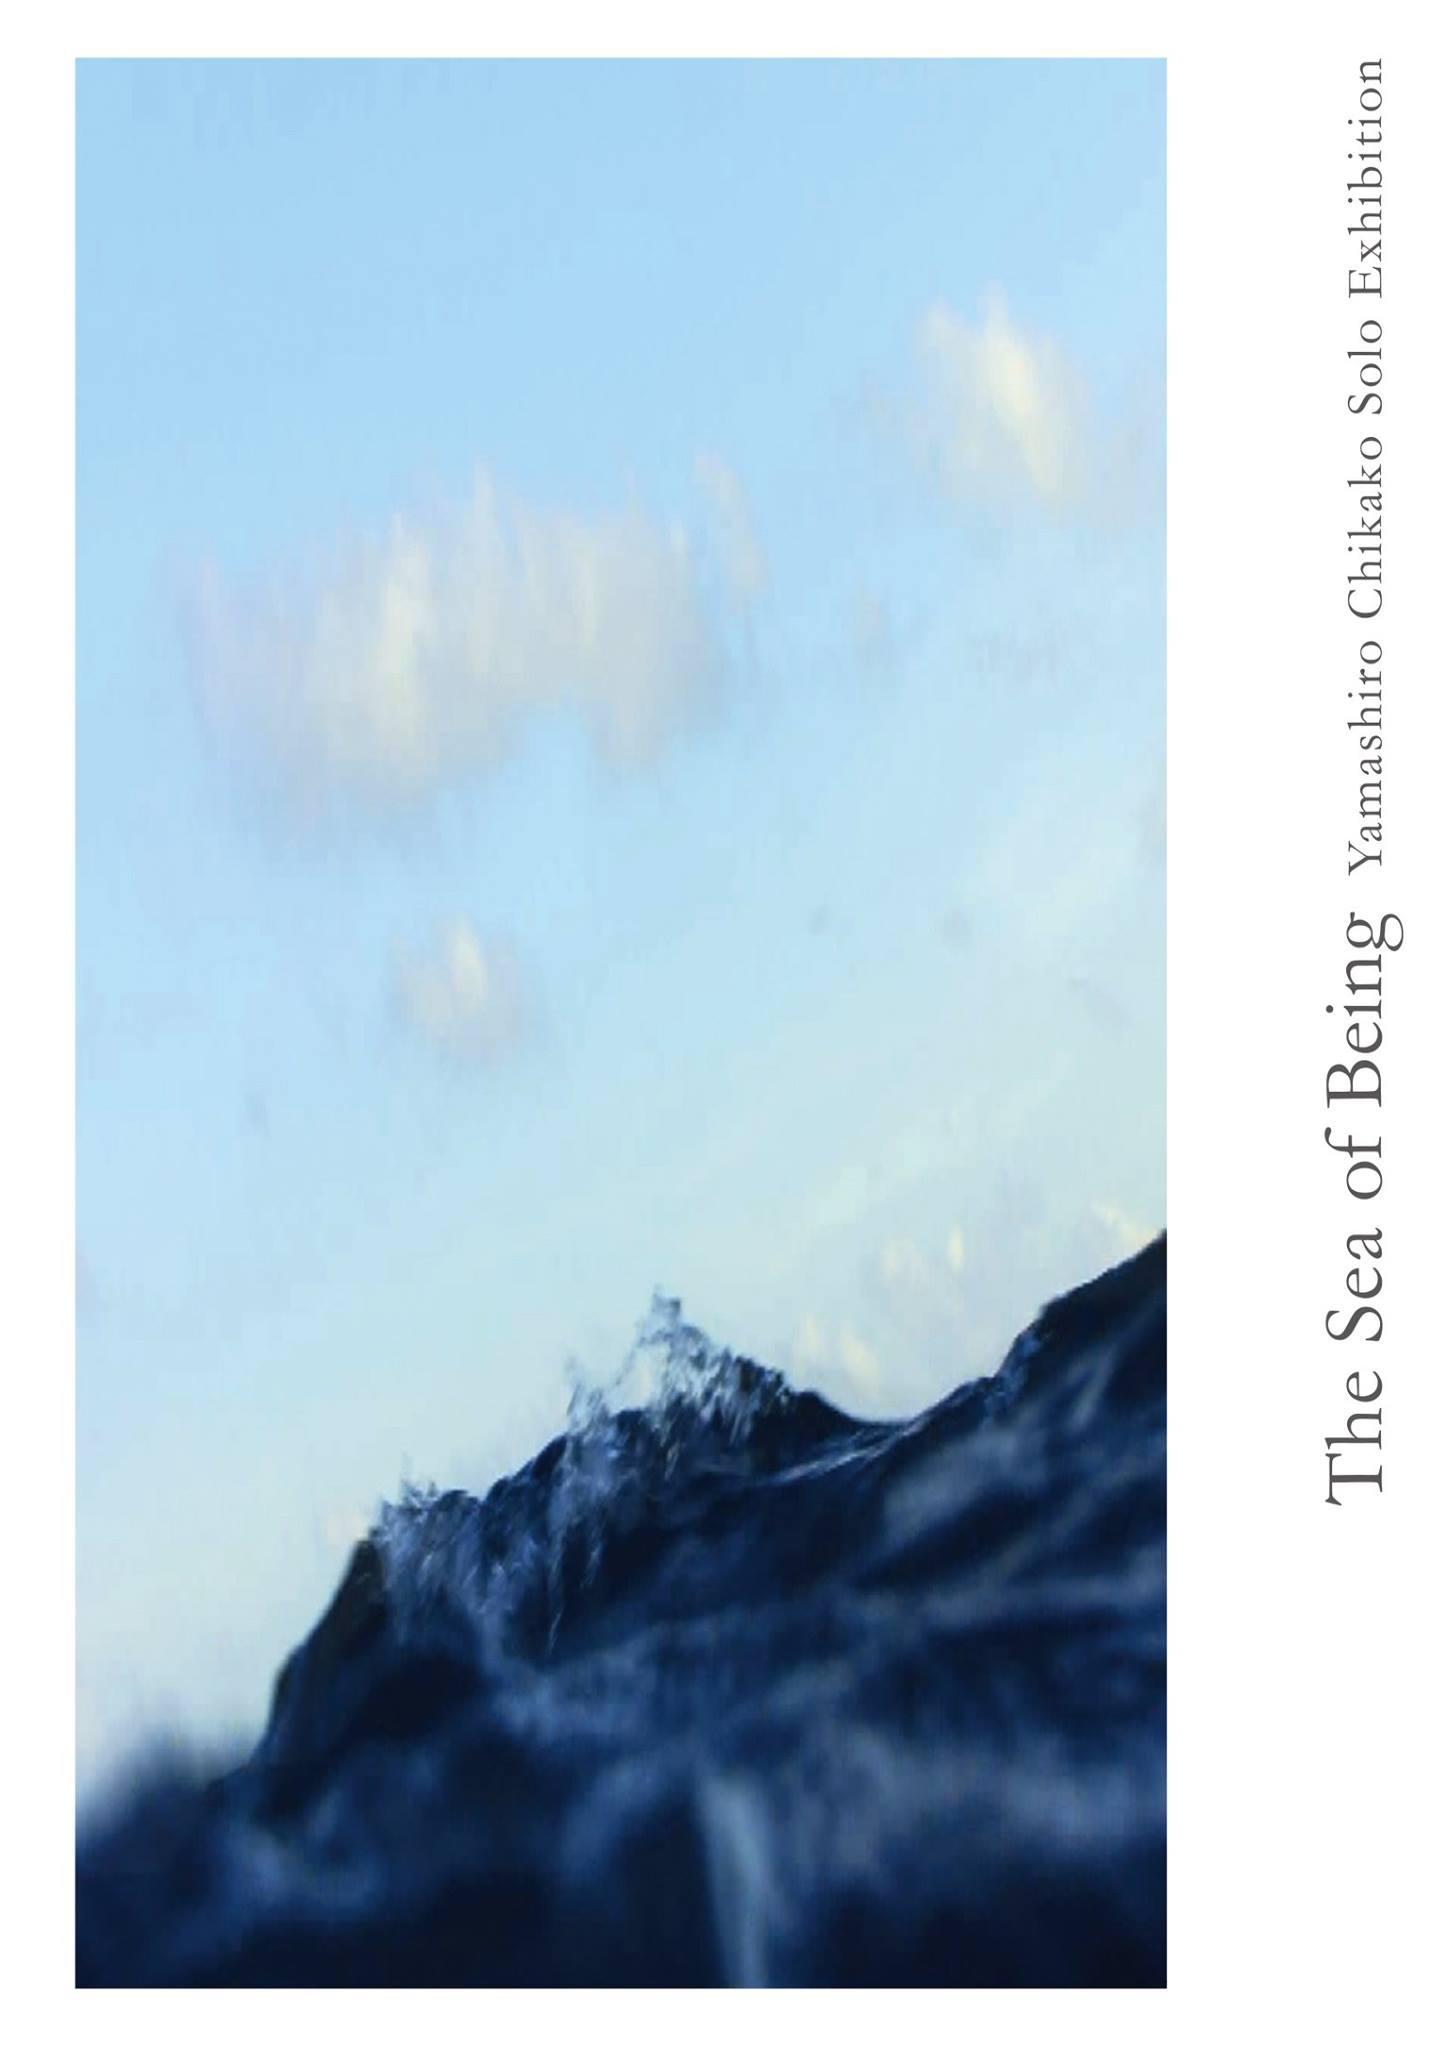 山城知佳子 写像展 Yamashiro Chikako Solo Exhibition 存在の海 -The Sea of Being-